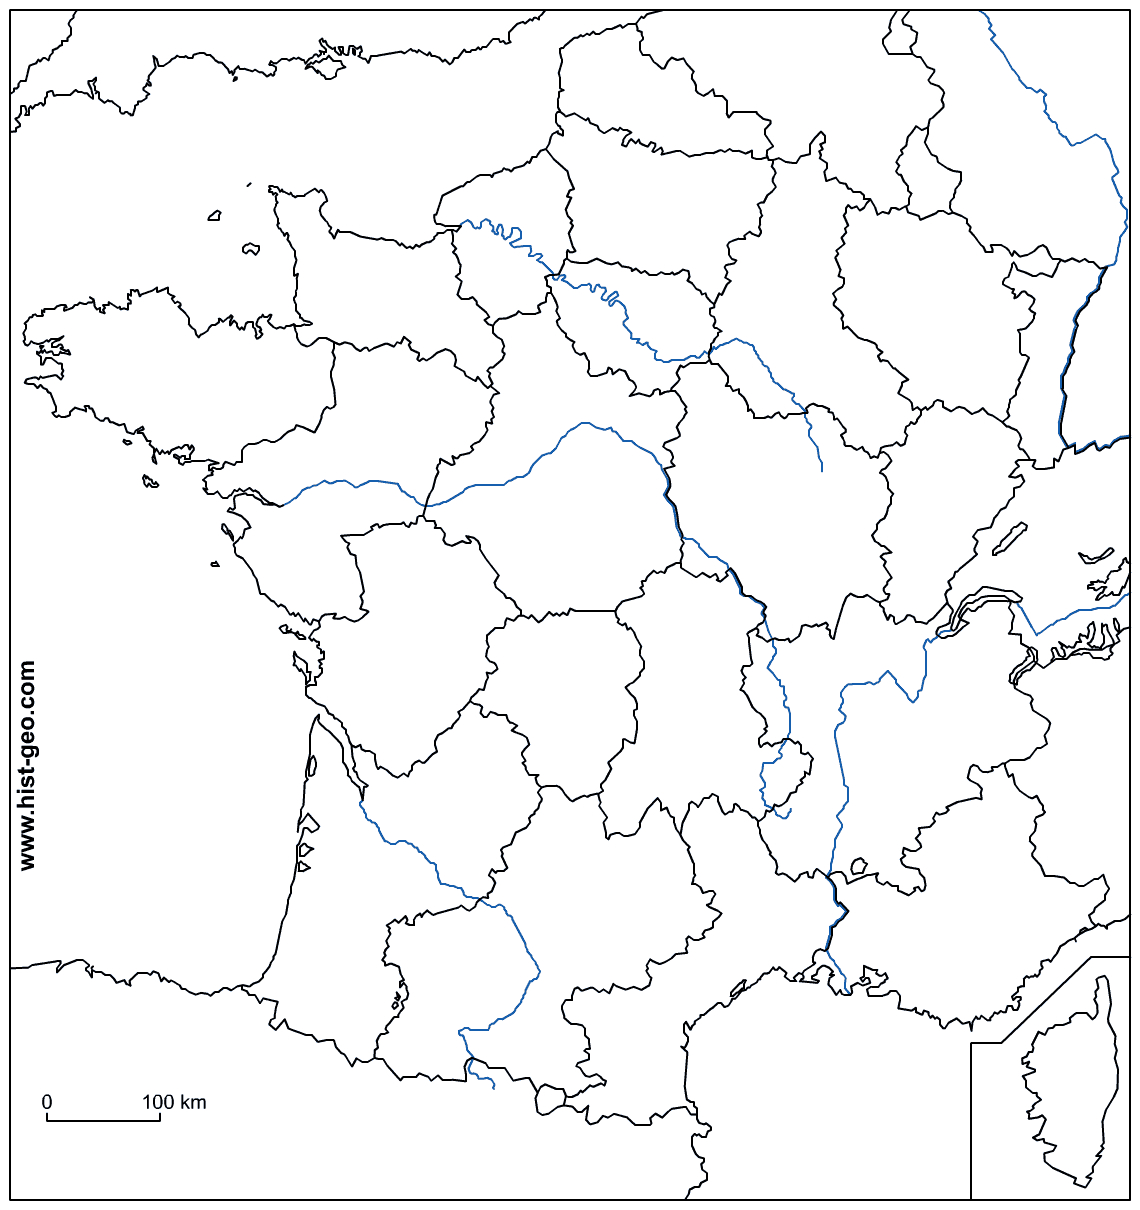 Fond De Carte - France (Frontières, Fleuves Et Régions) intérieur Carte Des Fleuves En France